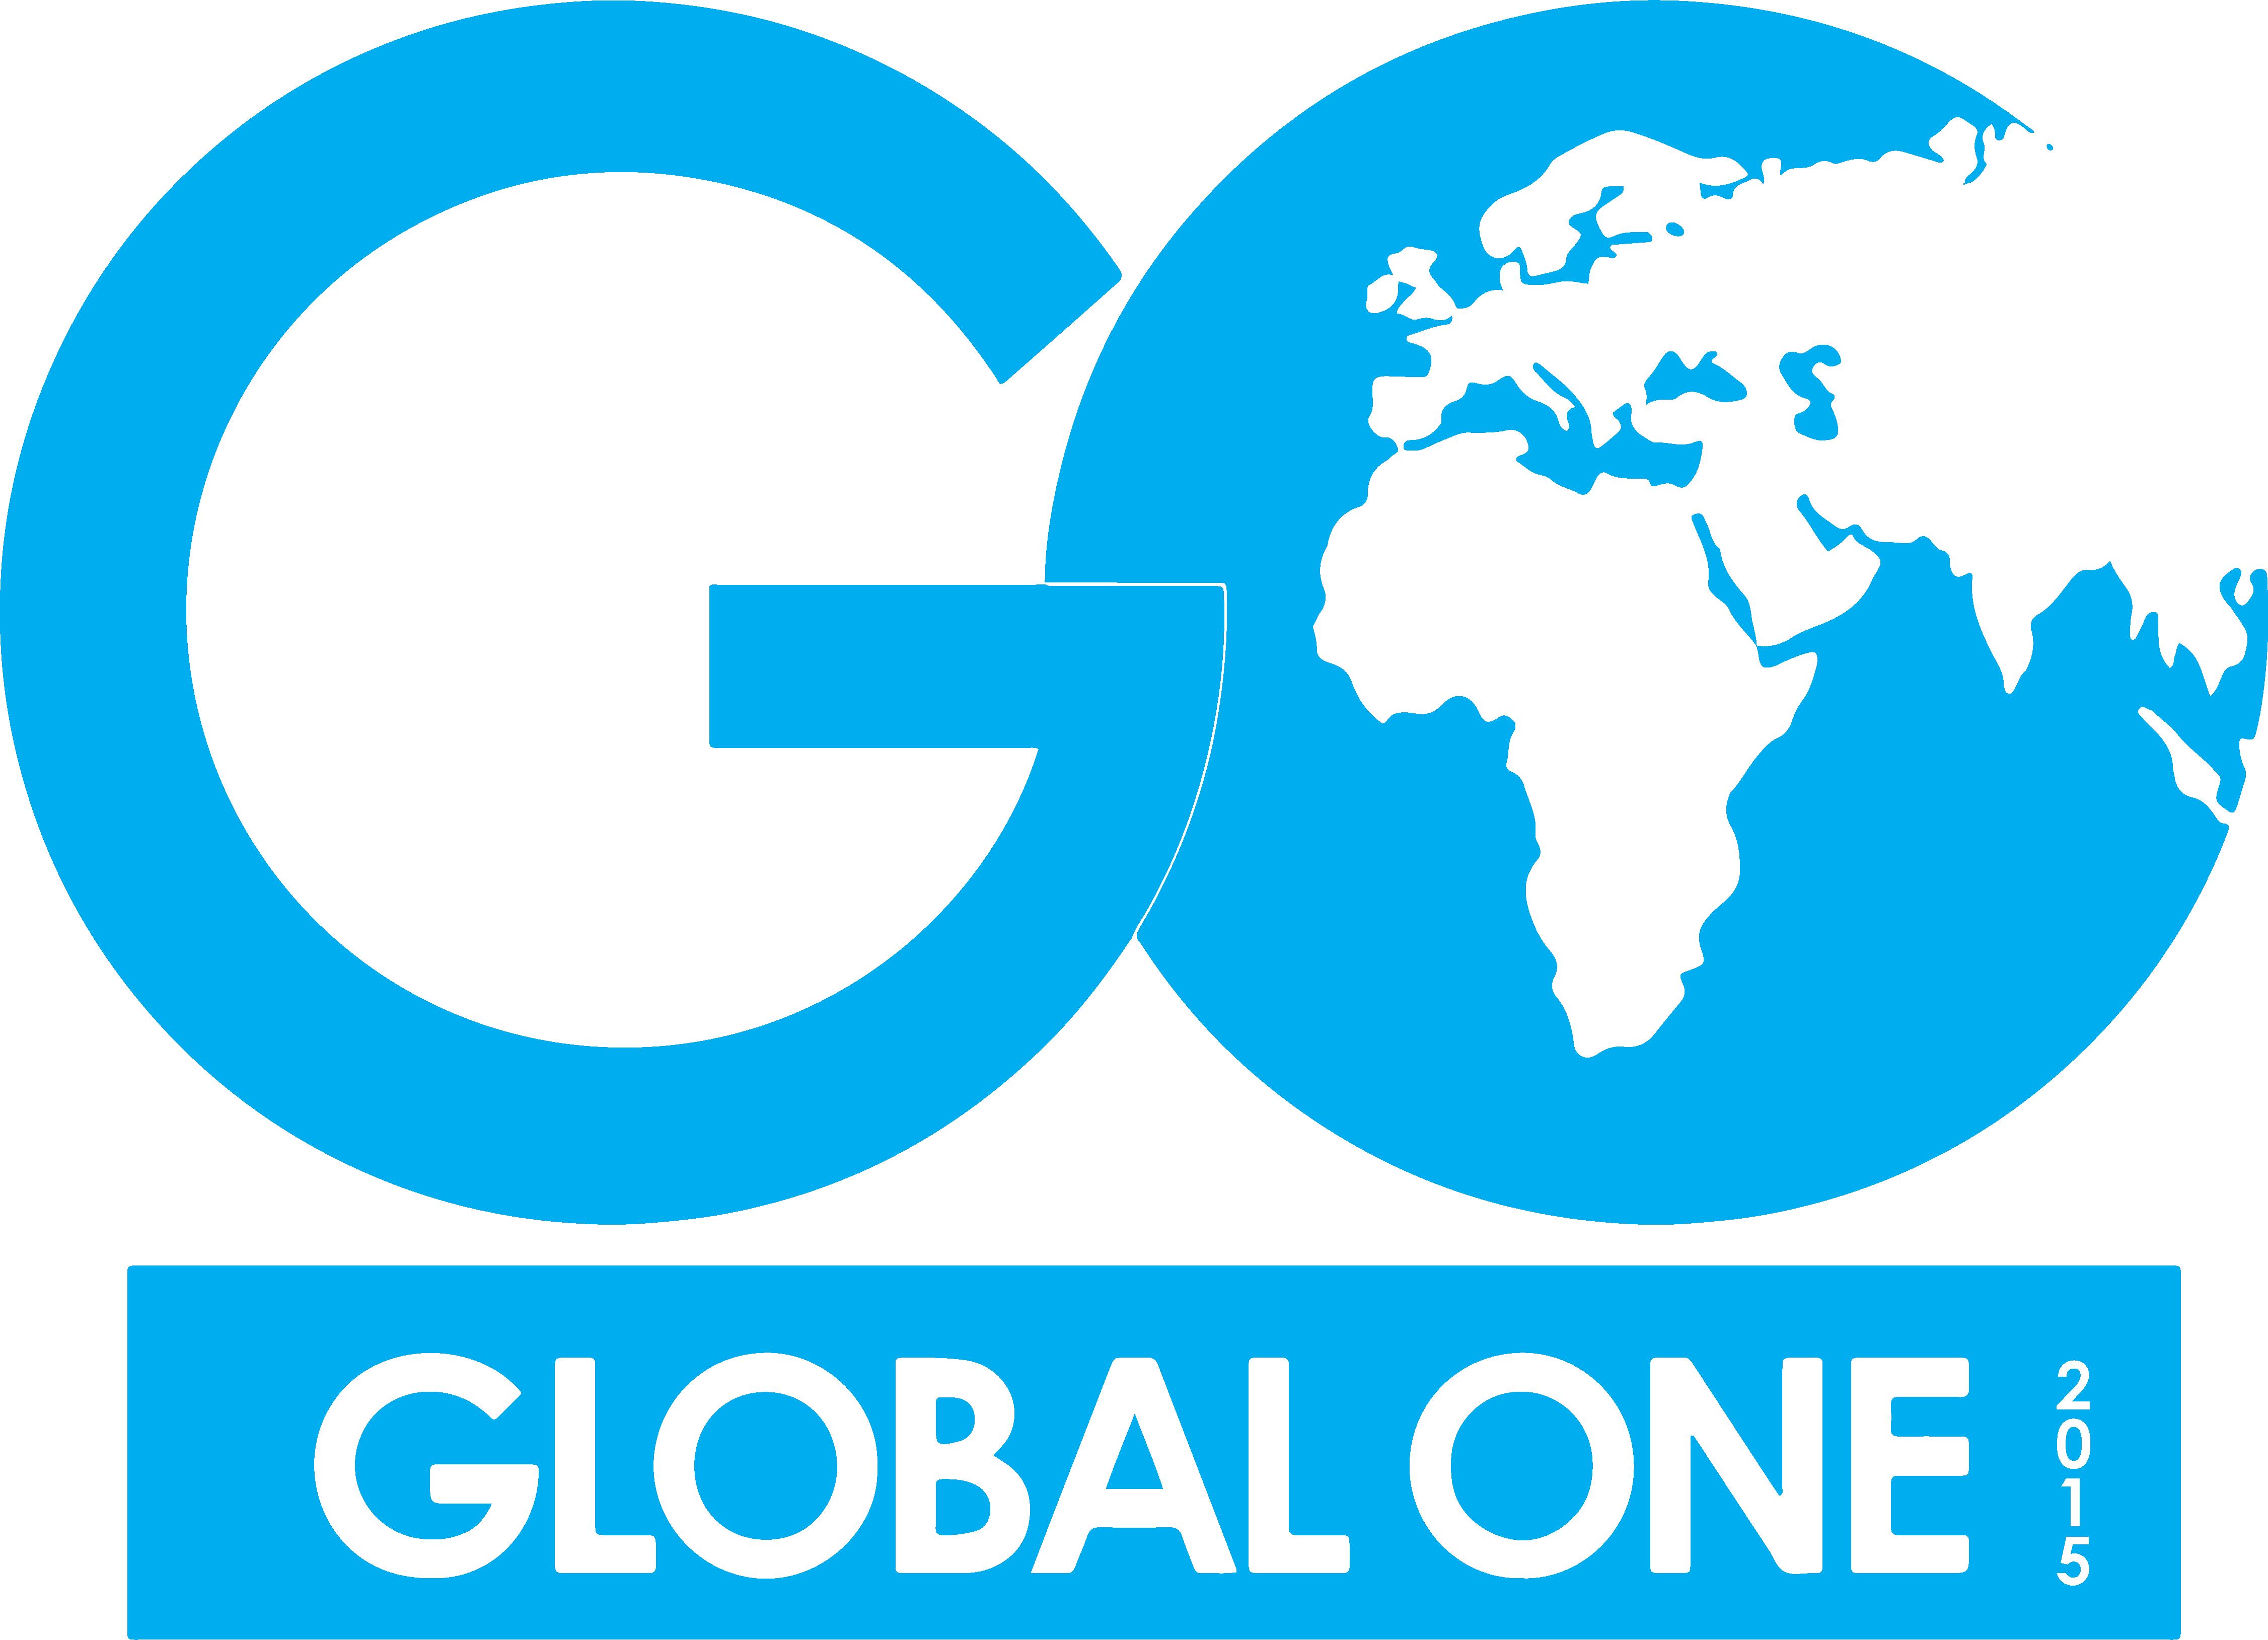 CSR Global One